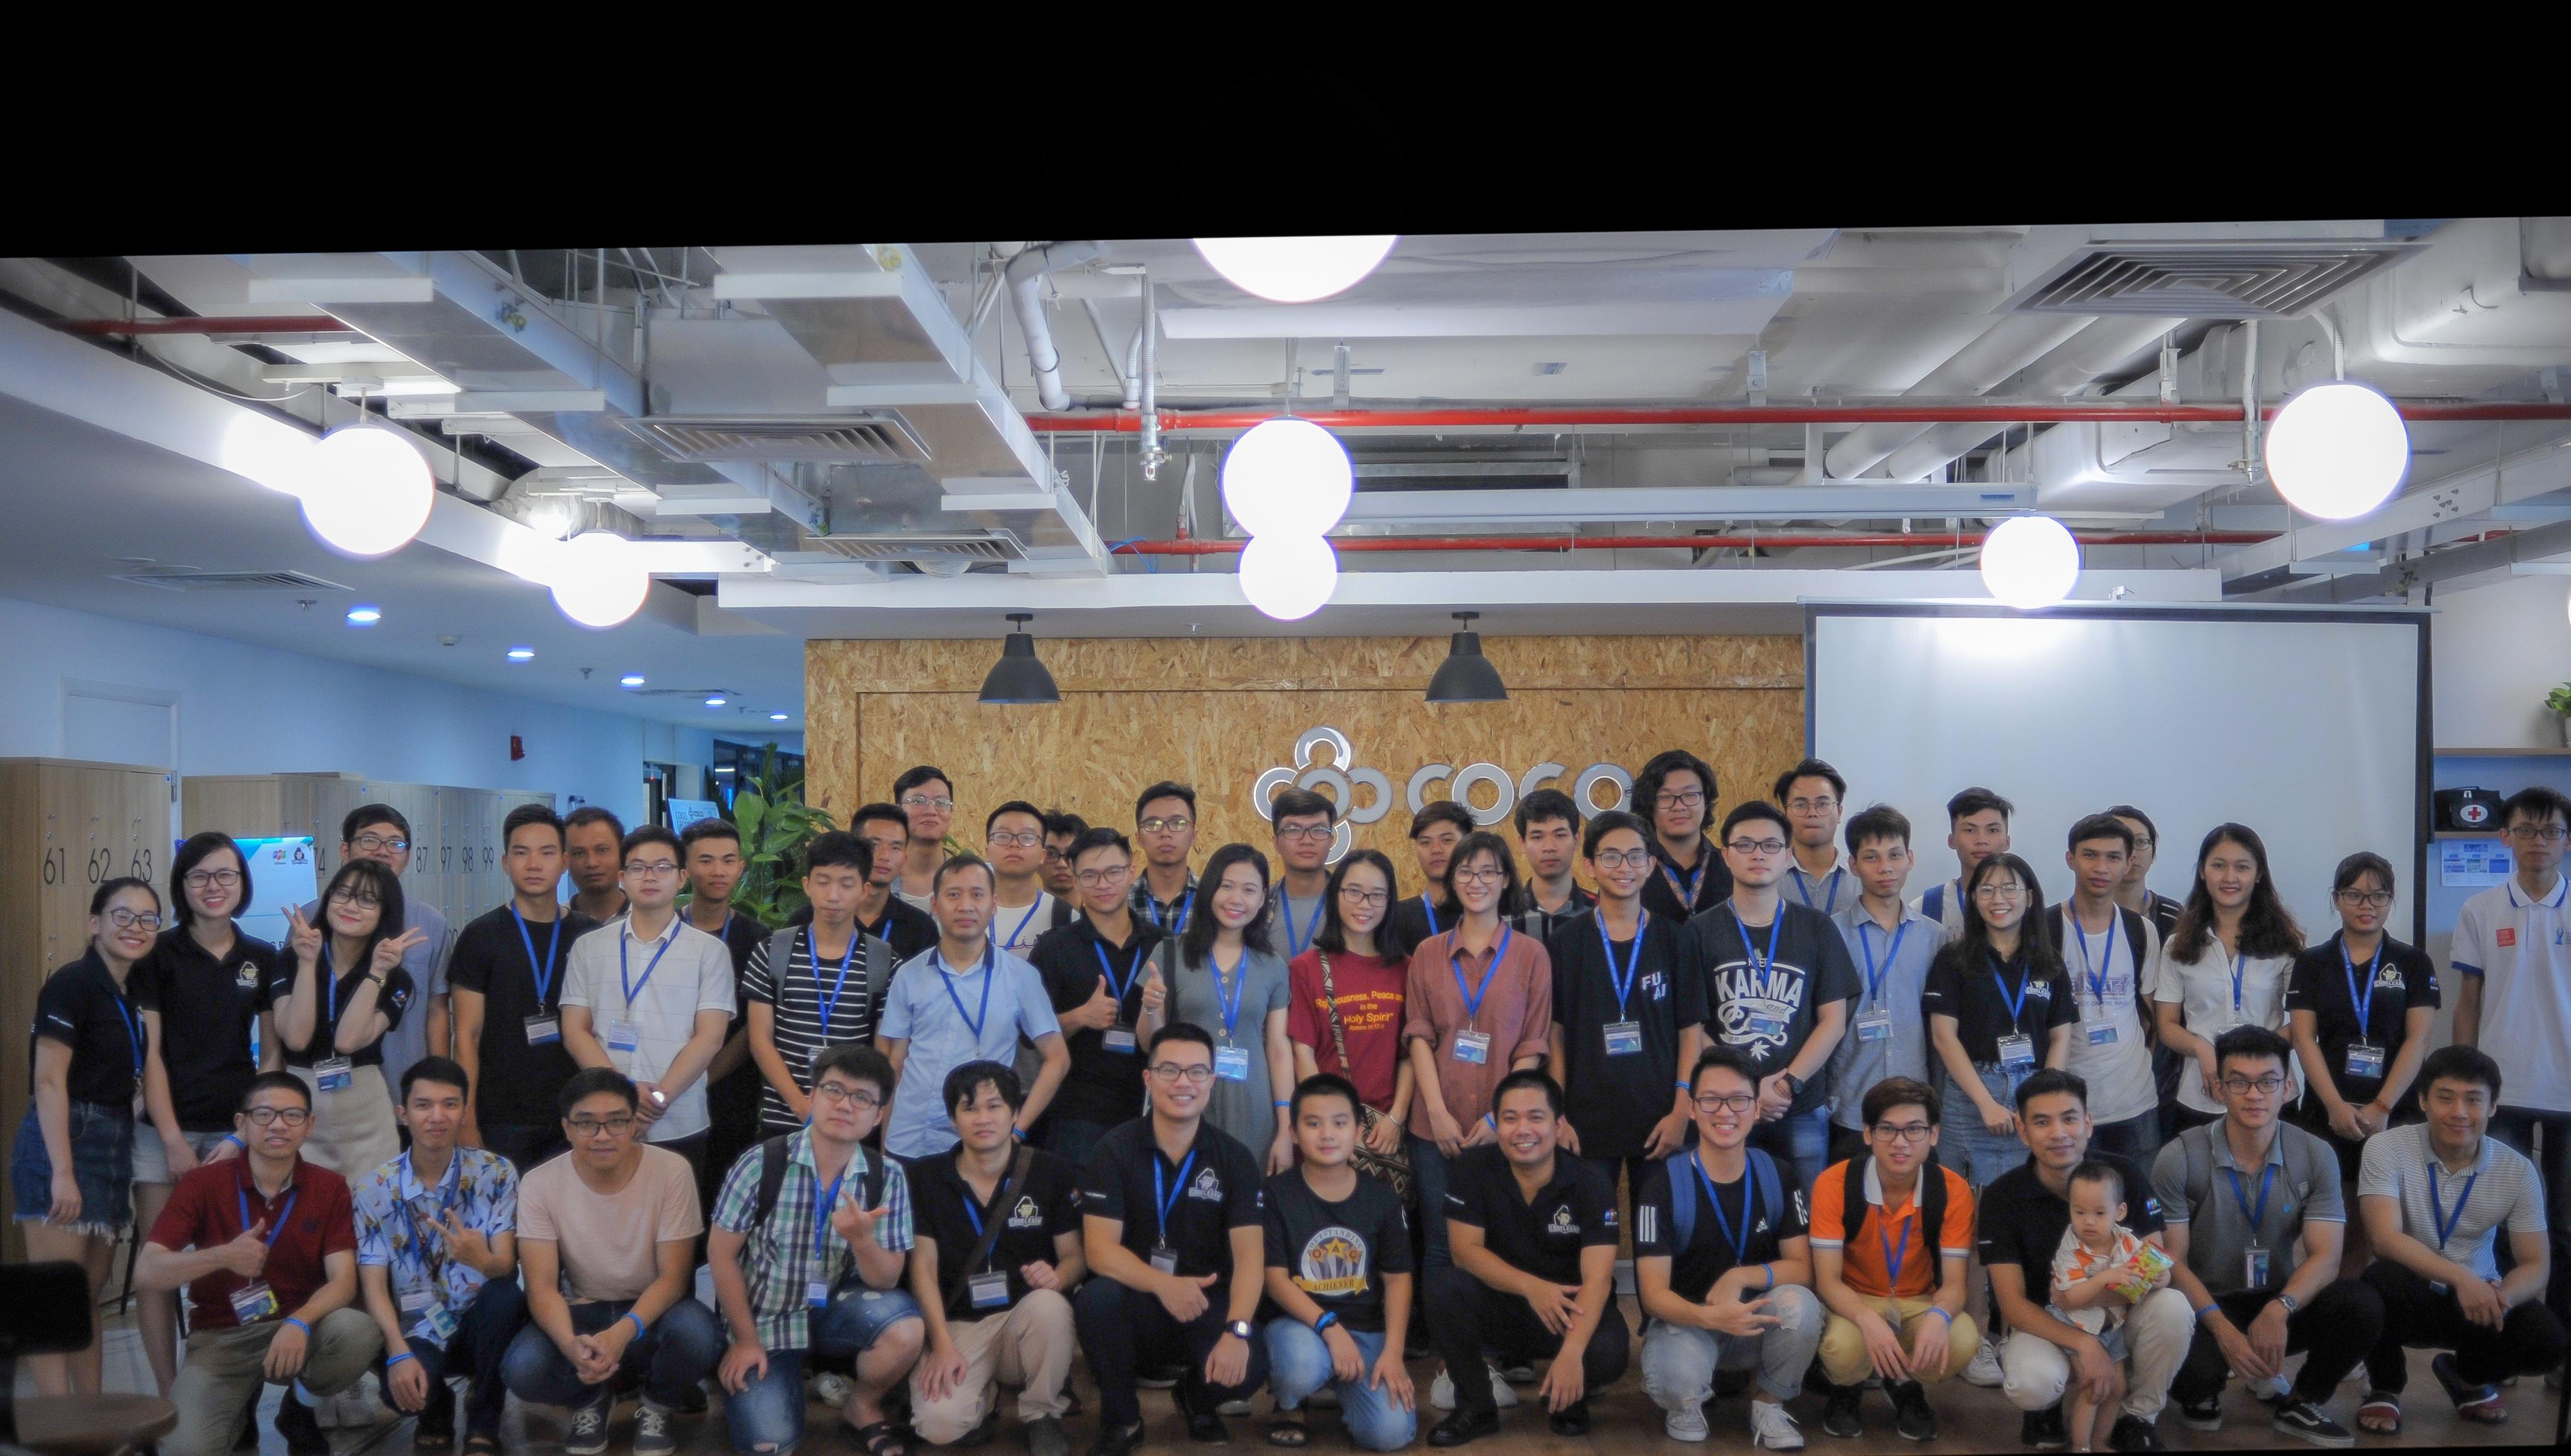 """Sáng ngày 14/7, hơn 60 thành viên thuộc cộng đồng Codelearn Việt Nam tổ chức họp mặt tại Hà Nội. Sản phẩm do PID (Productivity Innovation Department - Đơn vị cải tiến năng suất) của FPT Software phát triển. PID cũng đang chạy một số chương trình chính như: SKU, DevOps, CodeIT, Codelearn, TSS. Trong đó SKU và CodeIT là hai chương trình đang """"làm mưa làm gió"""" trên toàn FPT Software."""